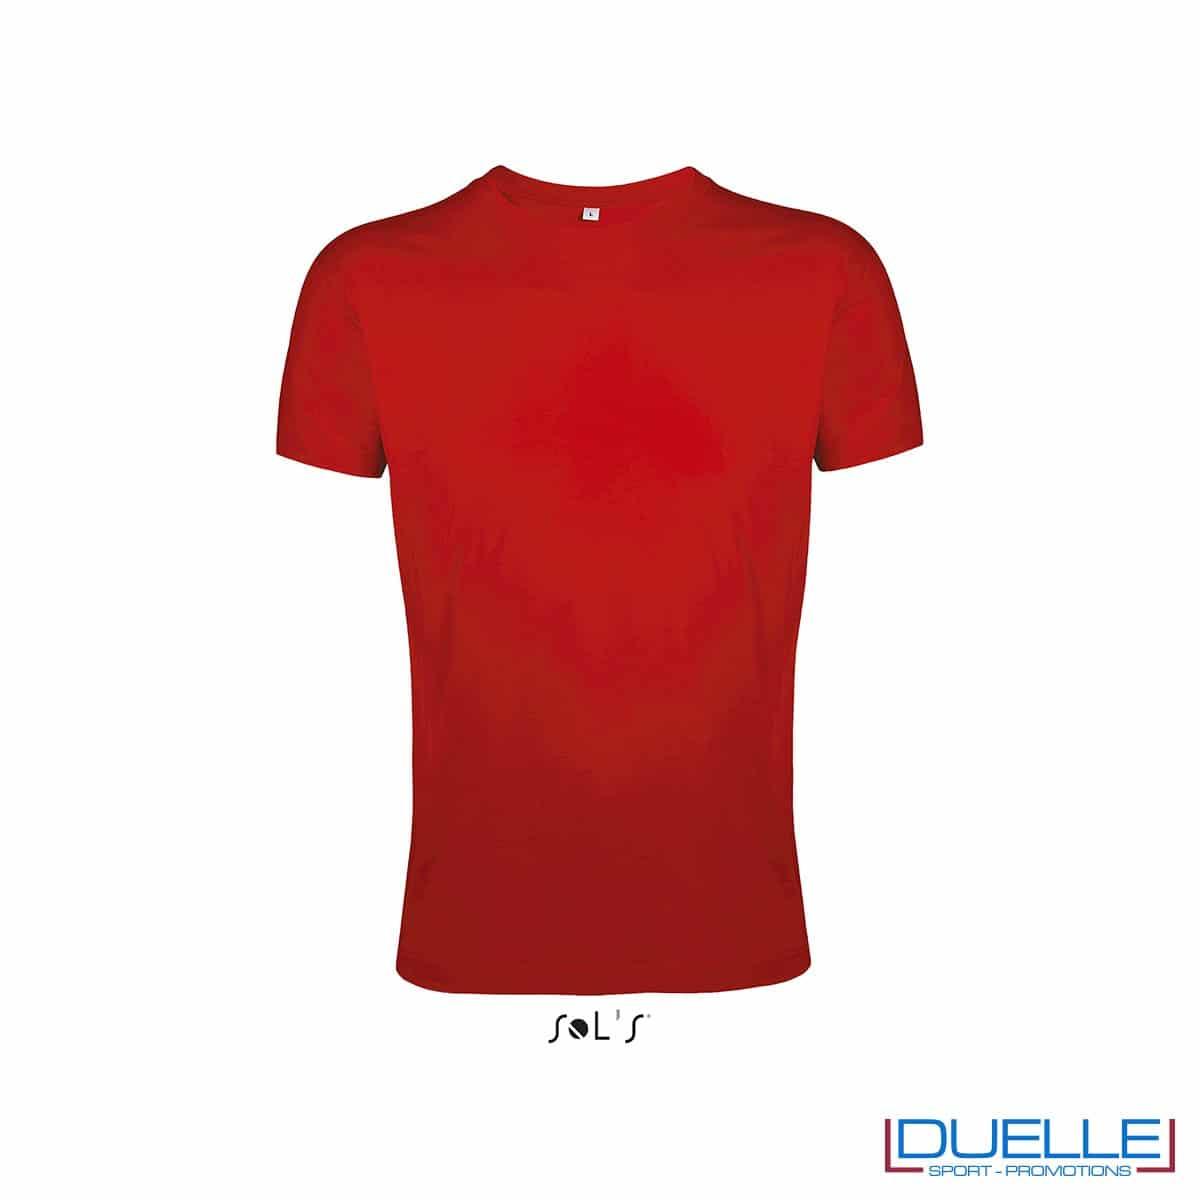 T-shirt uomo personalizzata slim-fit girocollo colore rosso